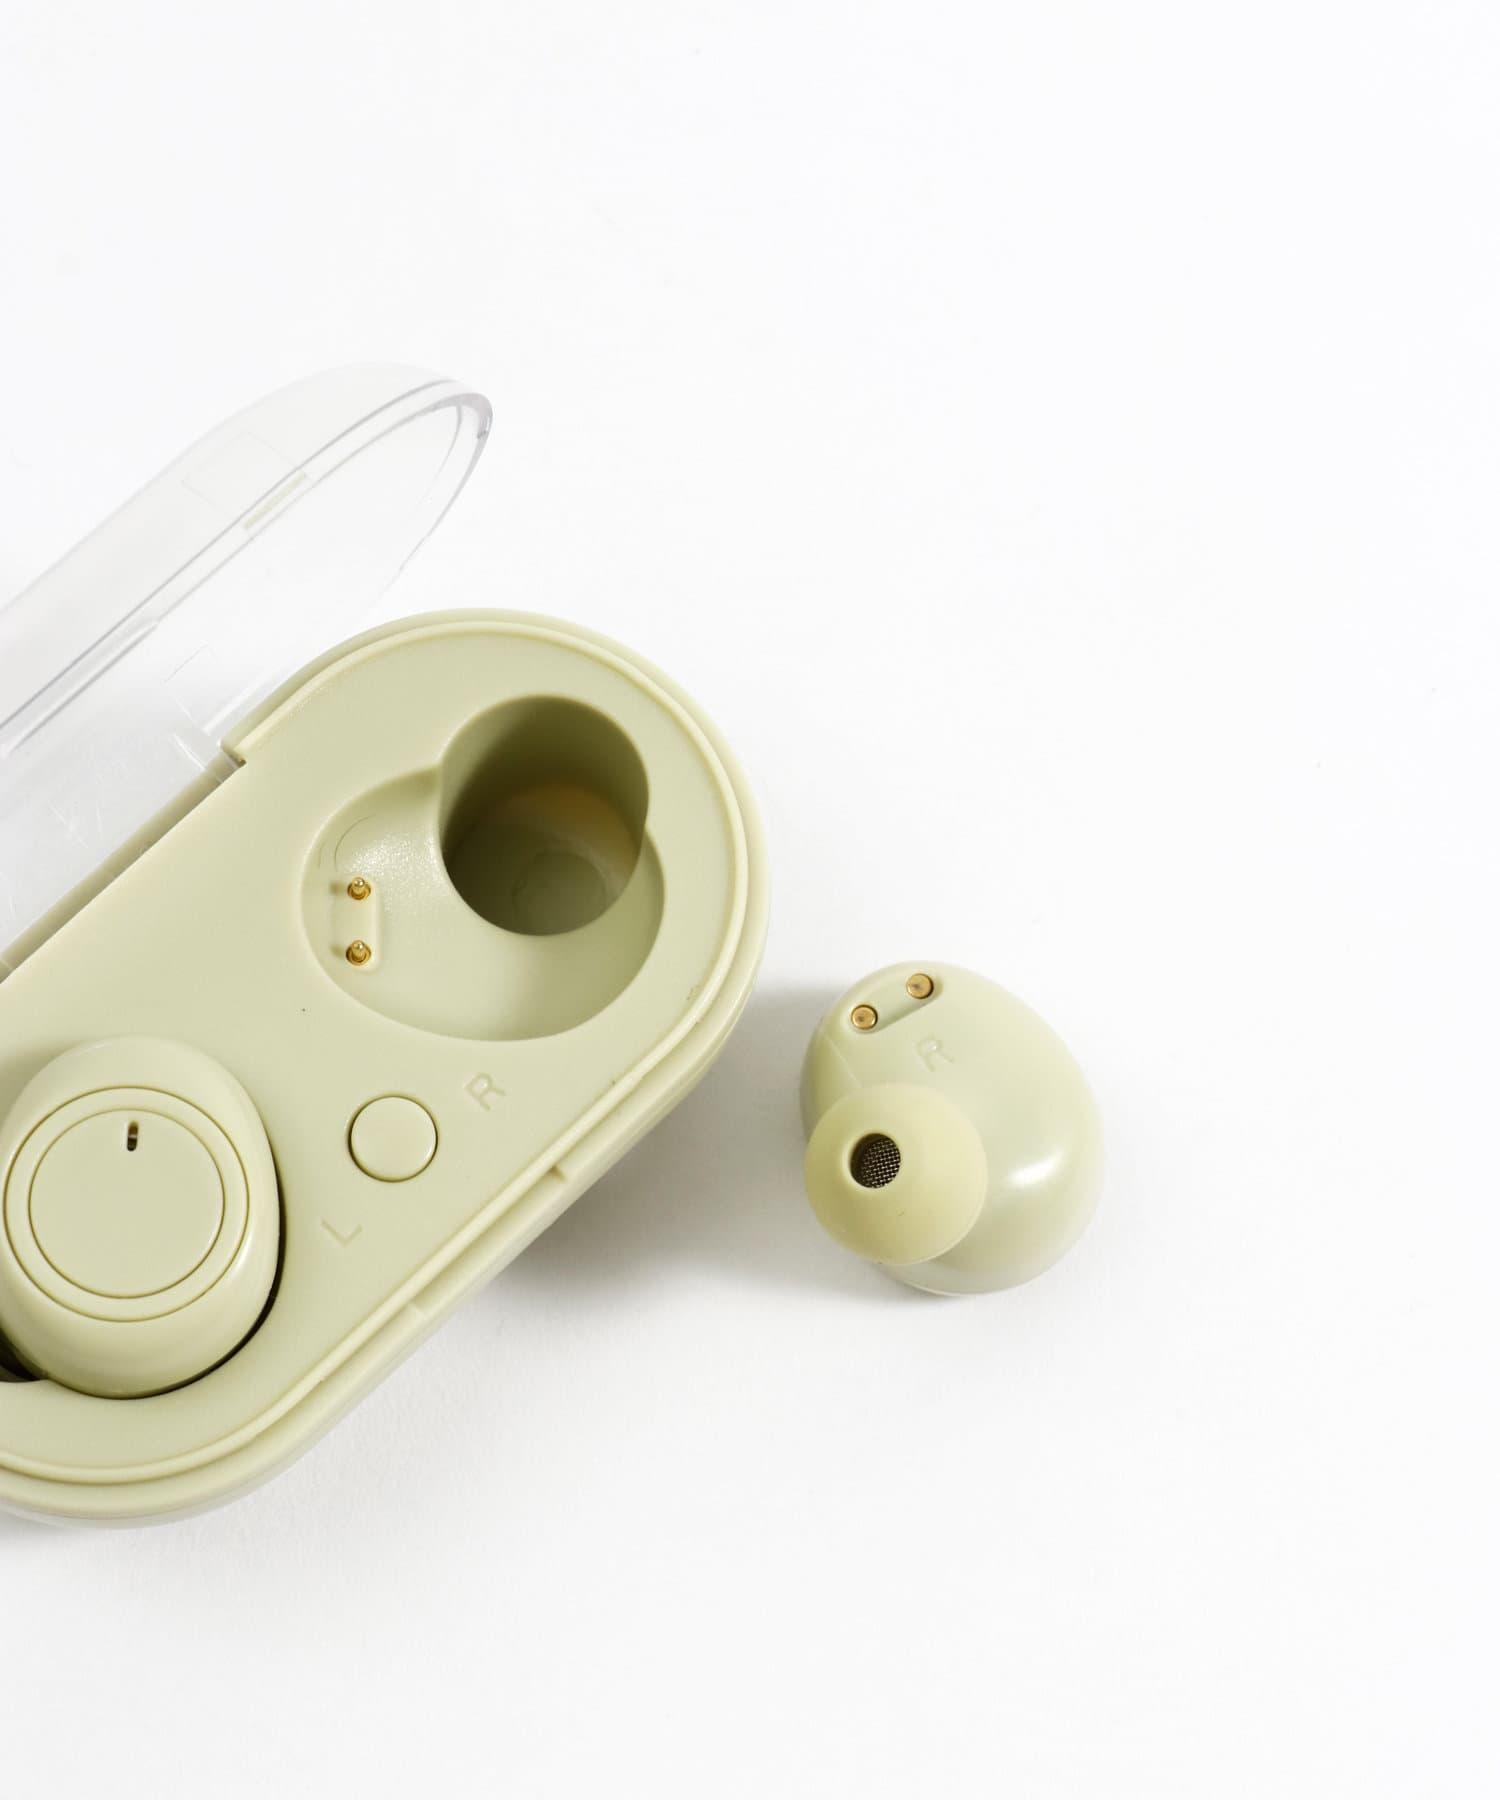 ワイヤレスステレオイヤホン(カナル型:グリーン)